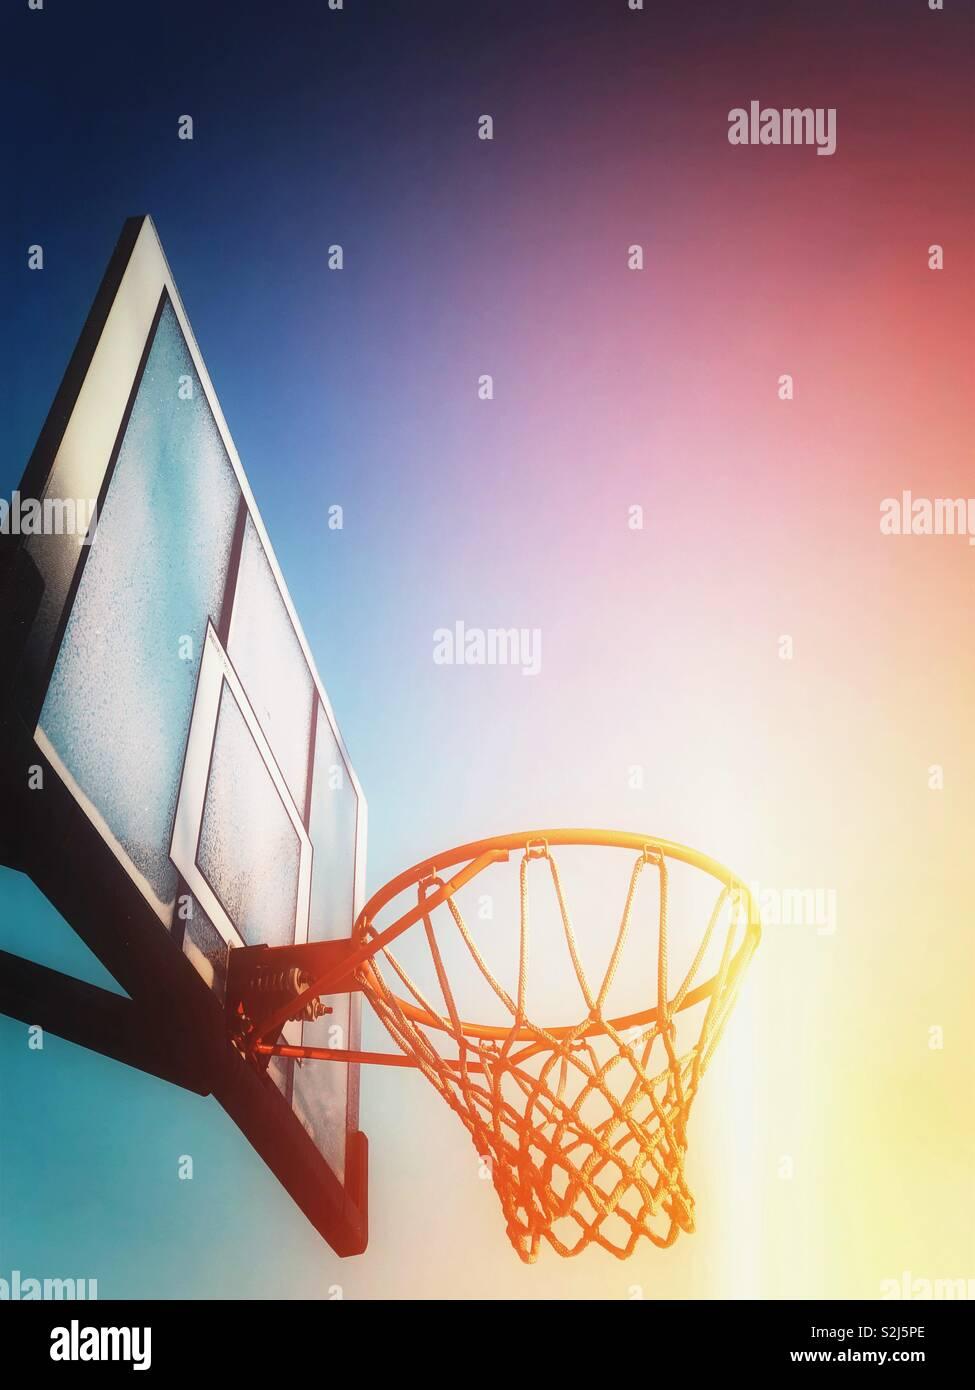 Mirando hacia el baloncesto net Imagen De Stock